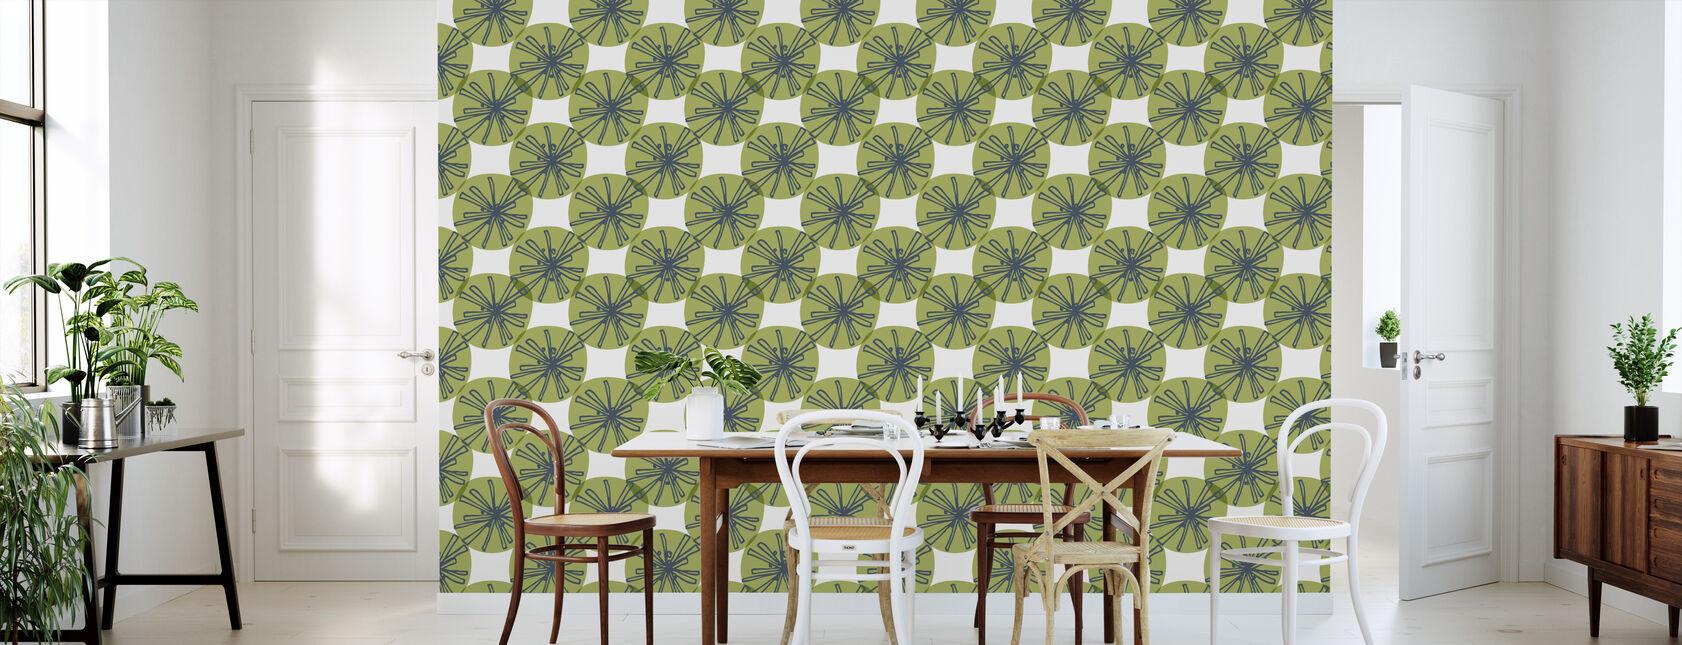 Paardebloem - Groen - Behang - Keuken